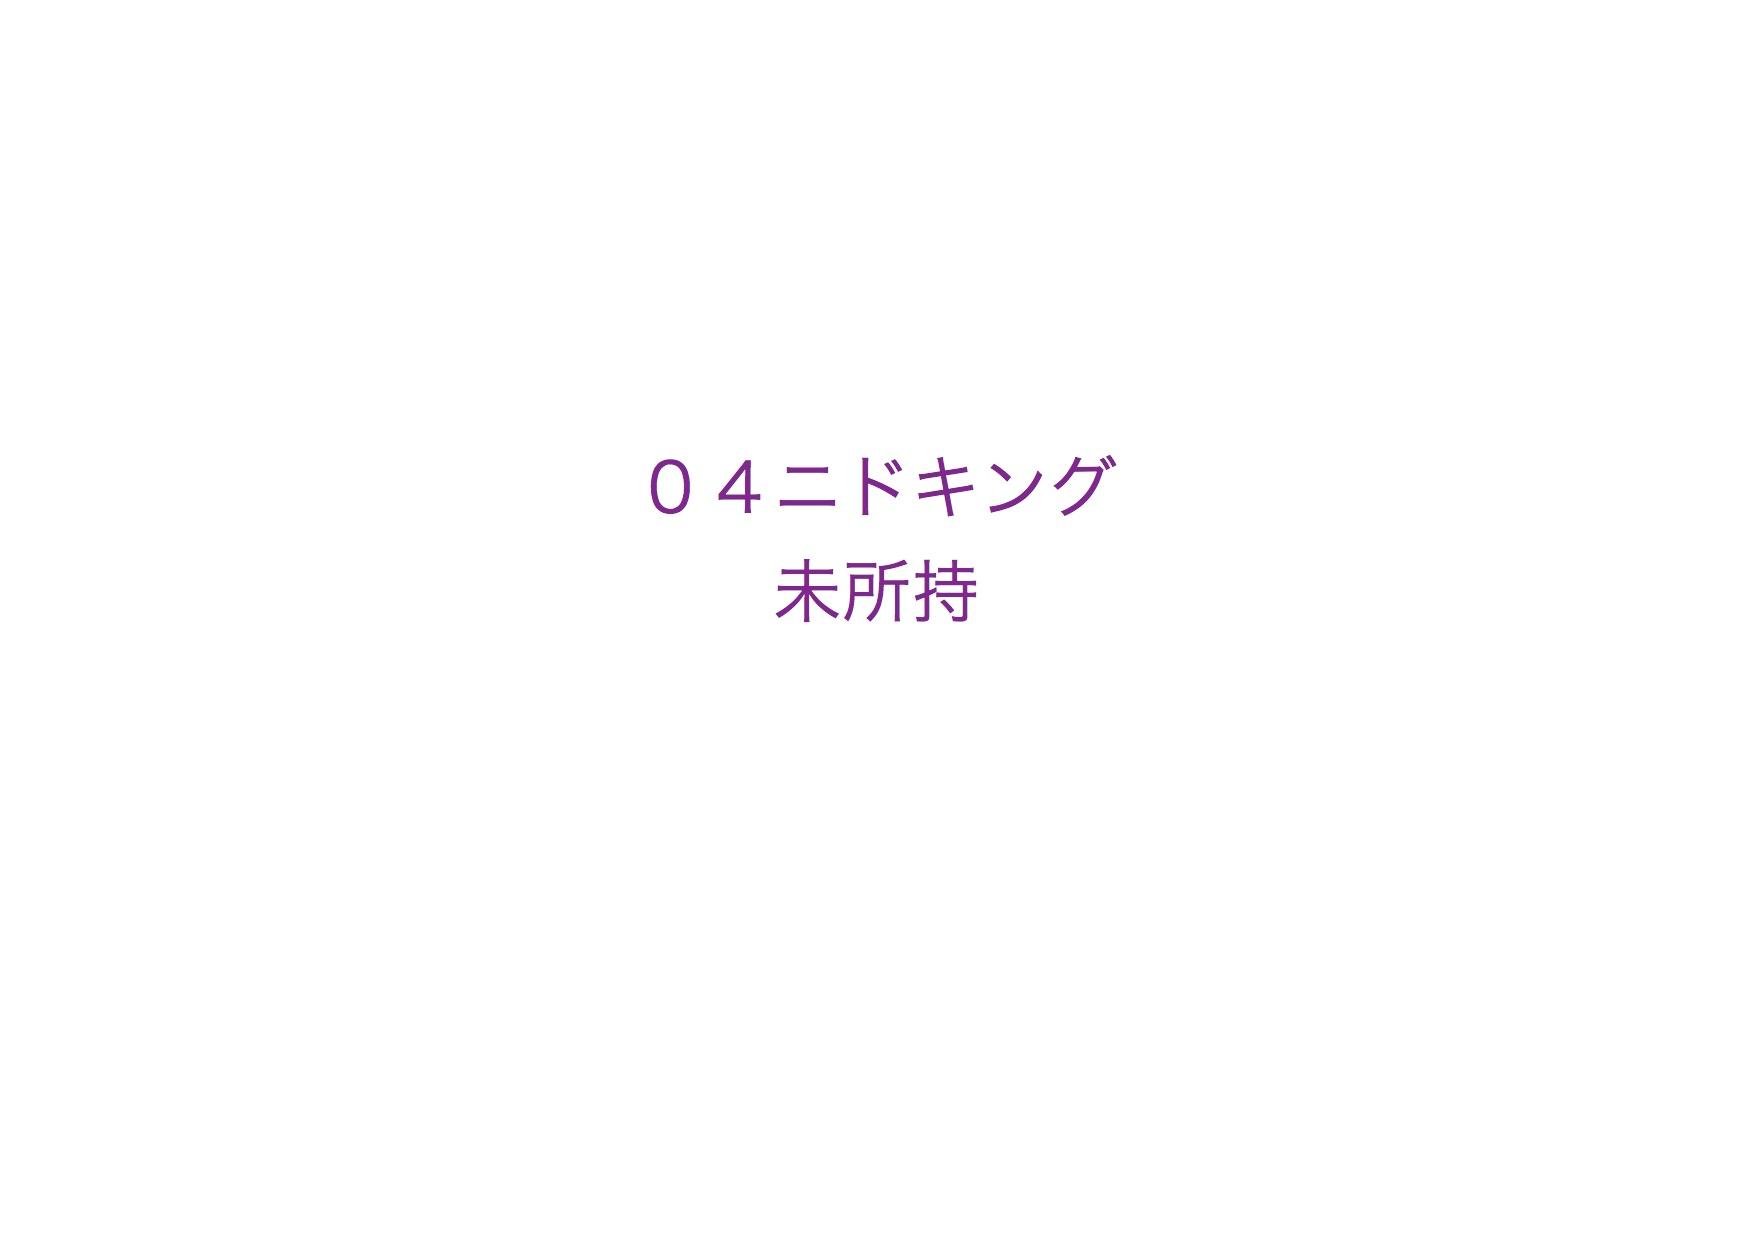 04ニドキング